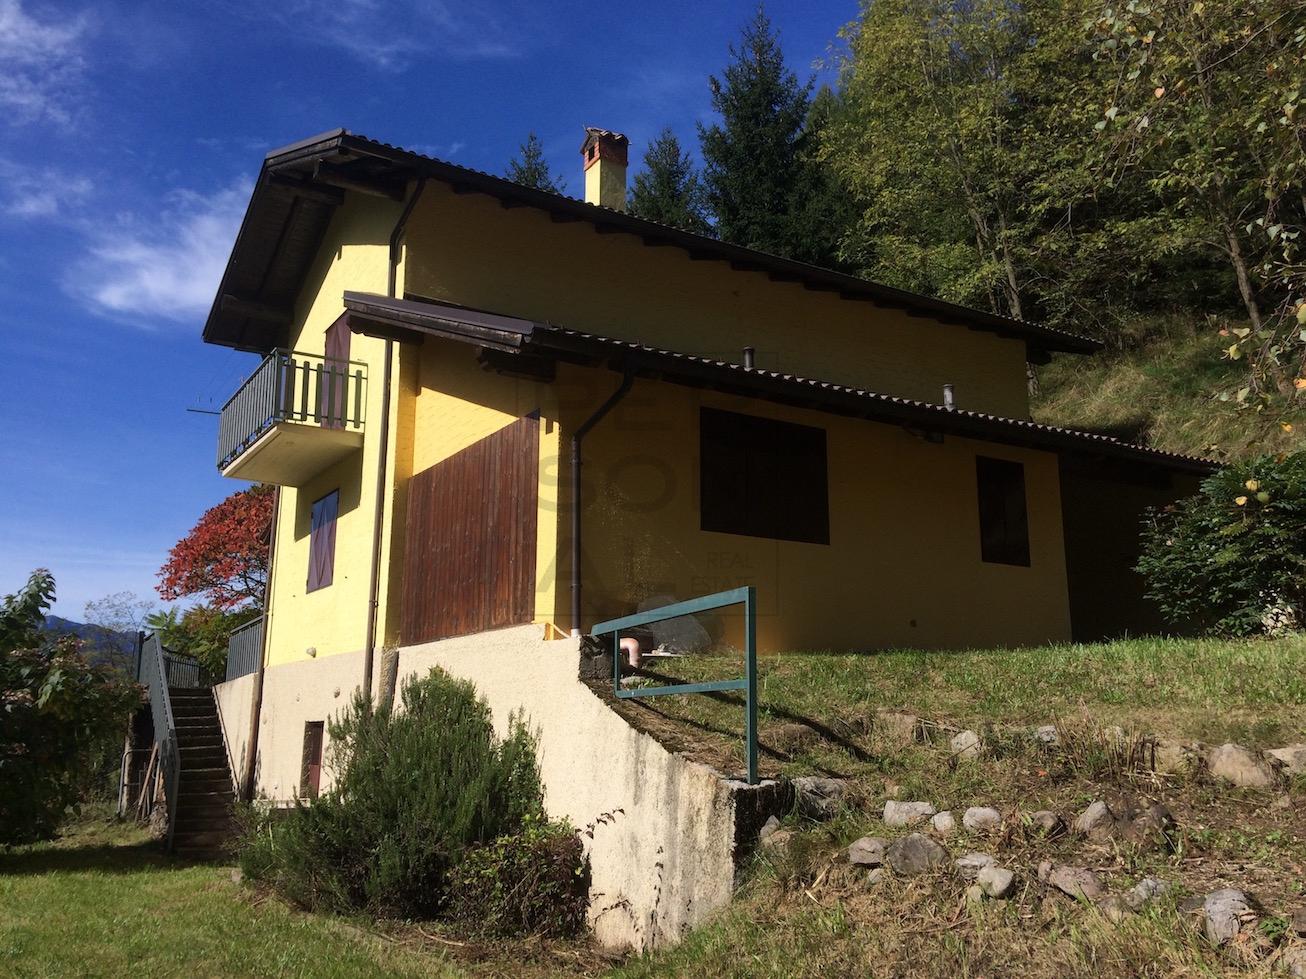 Soluzione Indipendente in vendita a Cavedine, 10 locali, zona Località: VigoCavedine, prezzo € 239.000   Cambio Casa.it